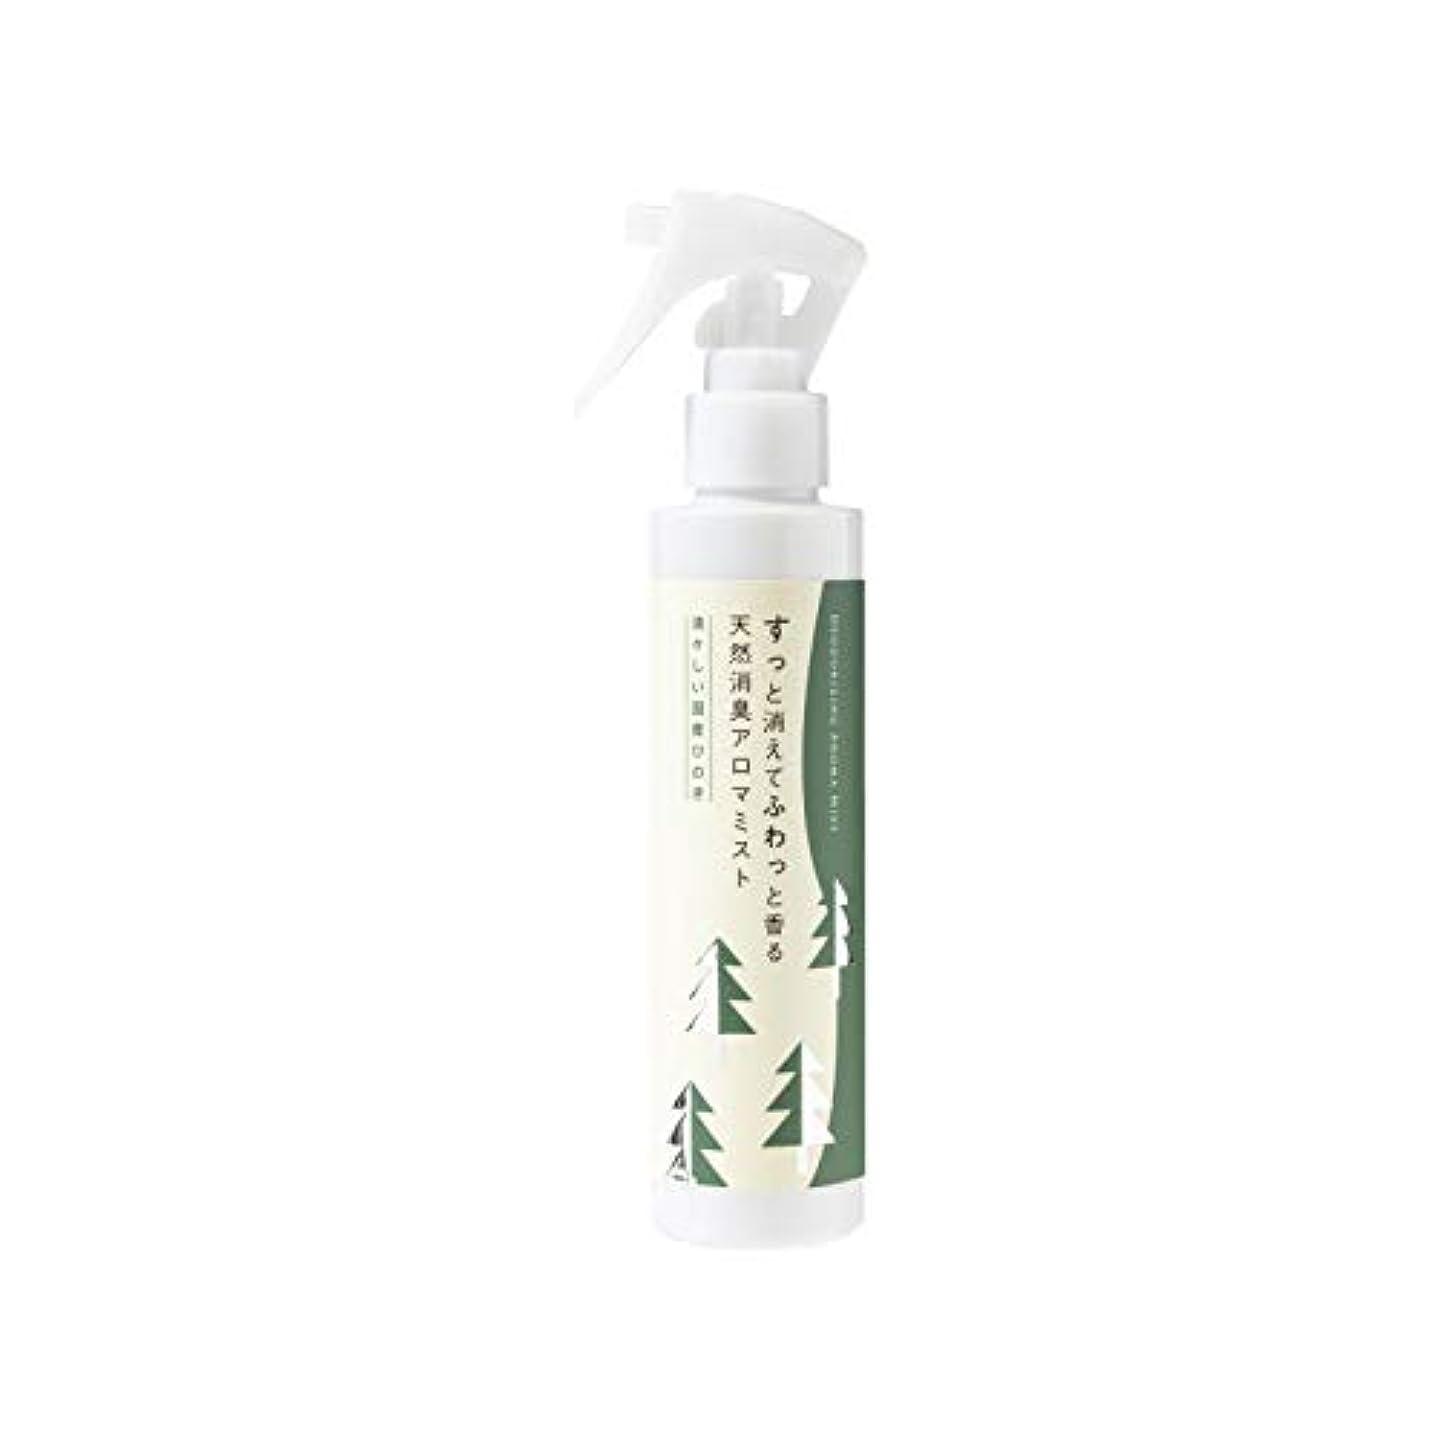 シャワーグラムシガレット生活の木 天然消臭アロマミスト 清々しい国産ひのき 150ml